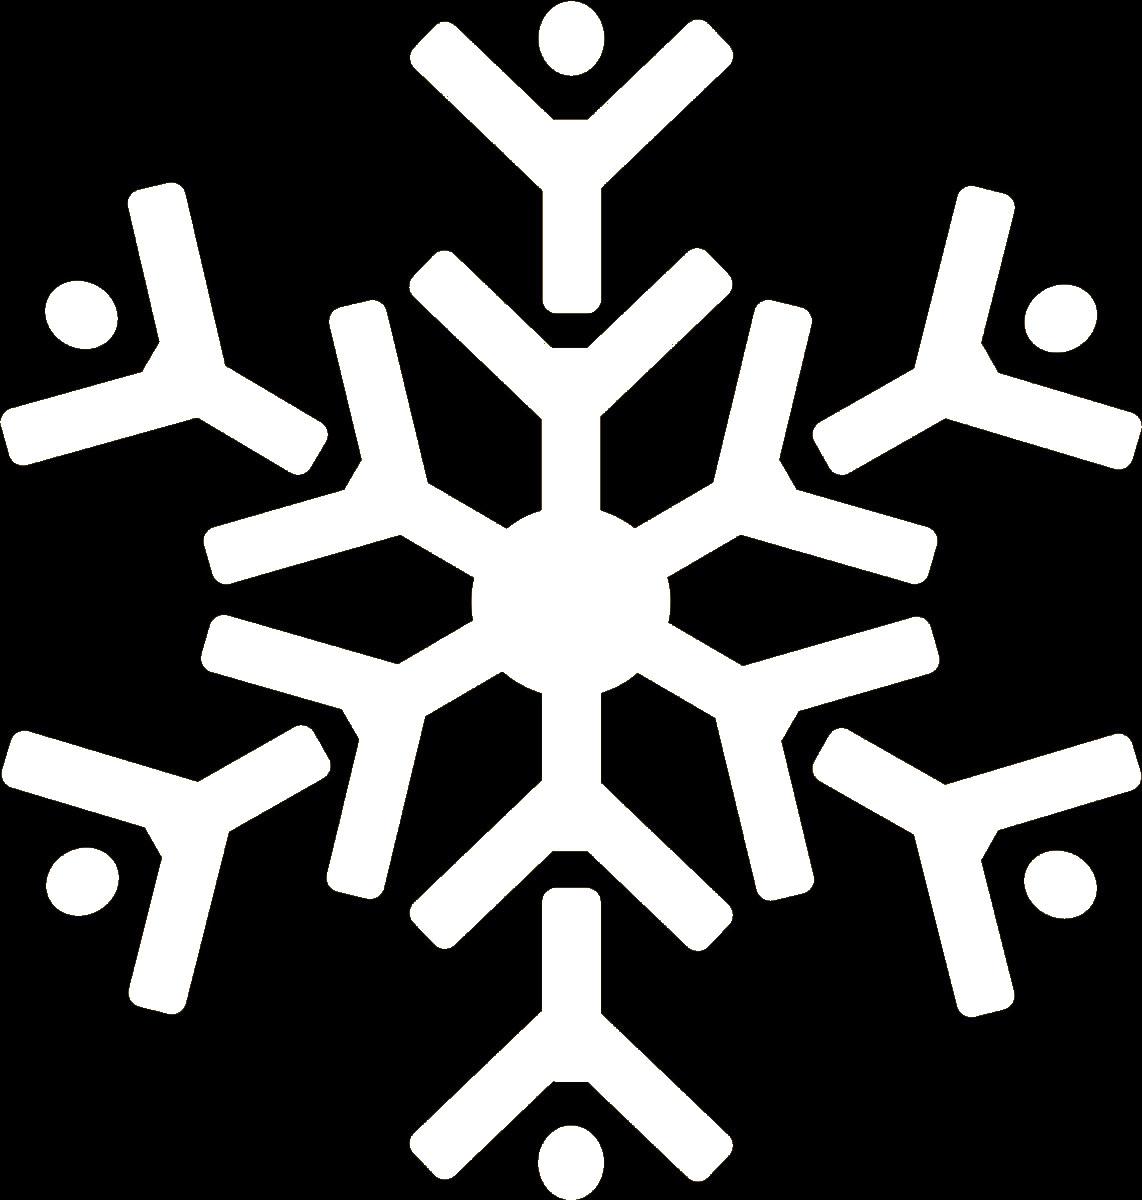 Наклейка автомобильная Оранжевый слоник Снежинка 3, виниловая, цвет: белыйVCA-00Оригинальная наклейка Оранжевый слоник Снежинка 3 изготовлена из высококачественной виниловой пленки, которая выполняет не только декоративную функцию, но и защищает кузов автомобиля от небольших механических повреждений, либо скрывает уже существующие.Виниловые наклейки на автомобиль - это не только красиво, но еще и быстро! Всего за несколько минут вы можете полностью преобразить свой автомобиль, сделать его ярким, необычным, особенным и неповторимым!